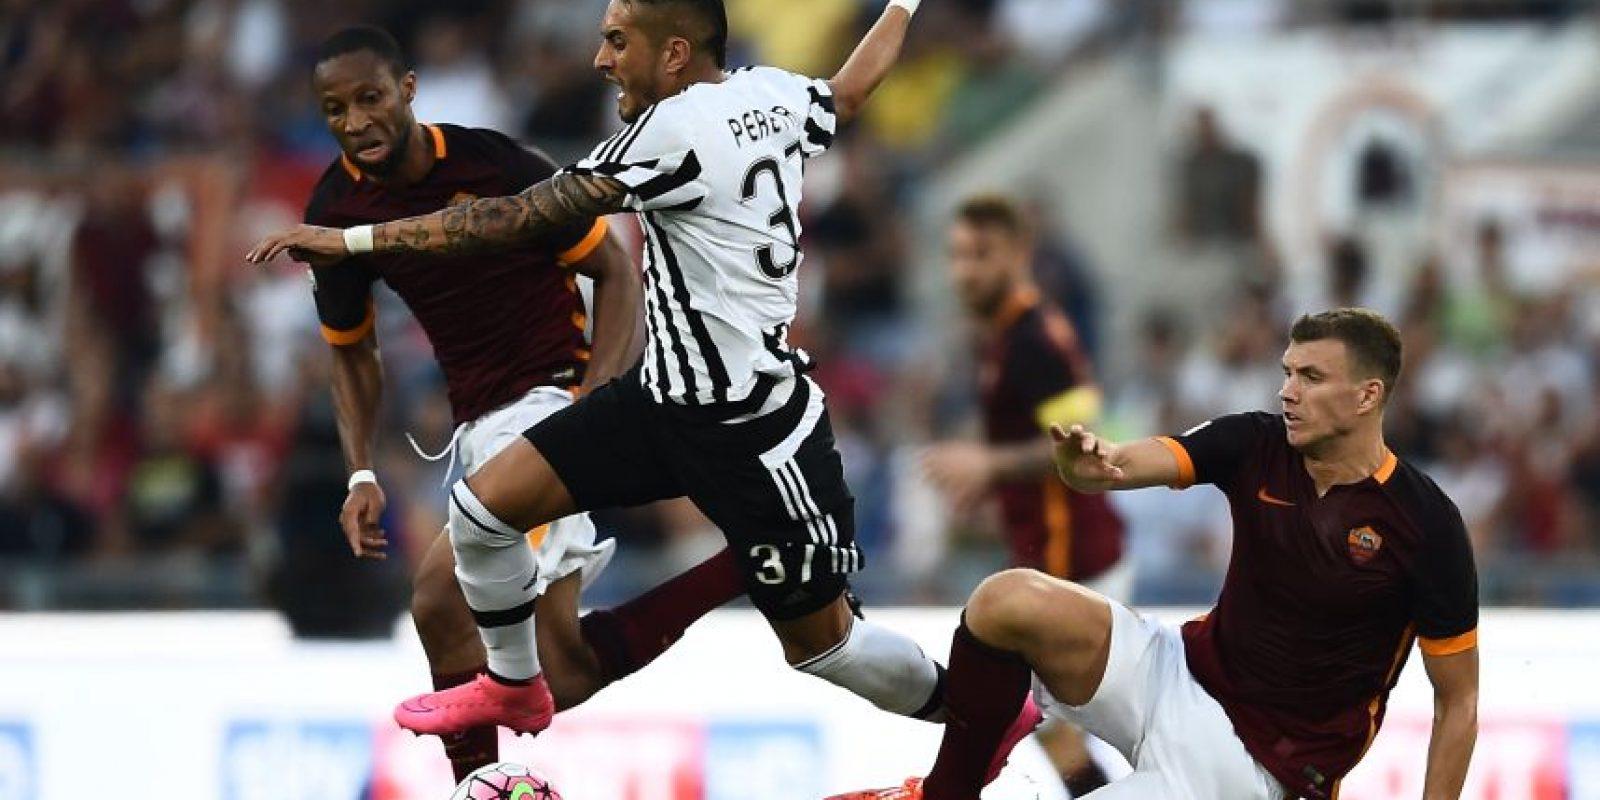 Acción de un partido entre Juve y Roma. Foto:AFP